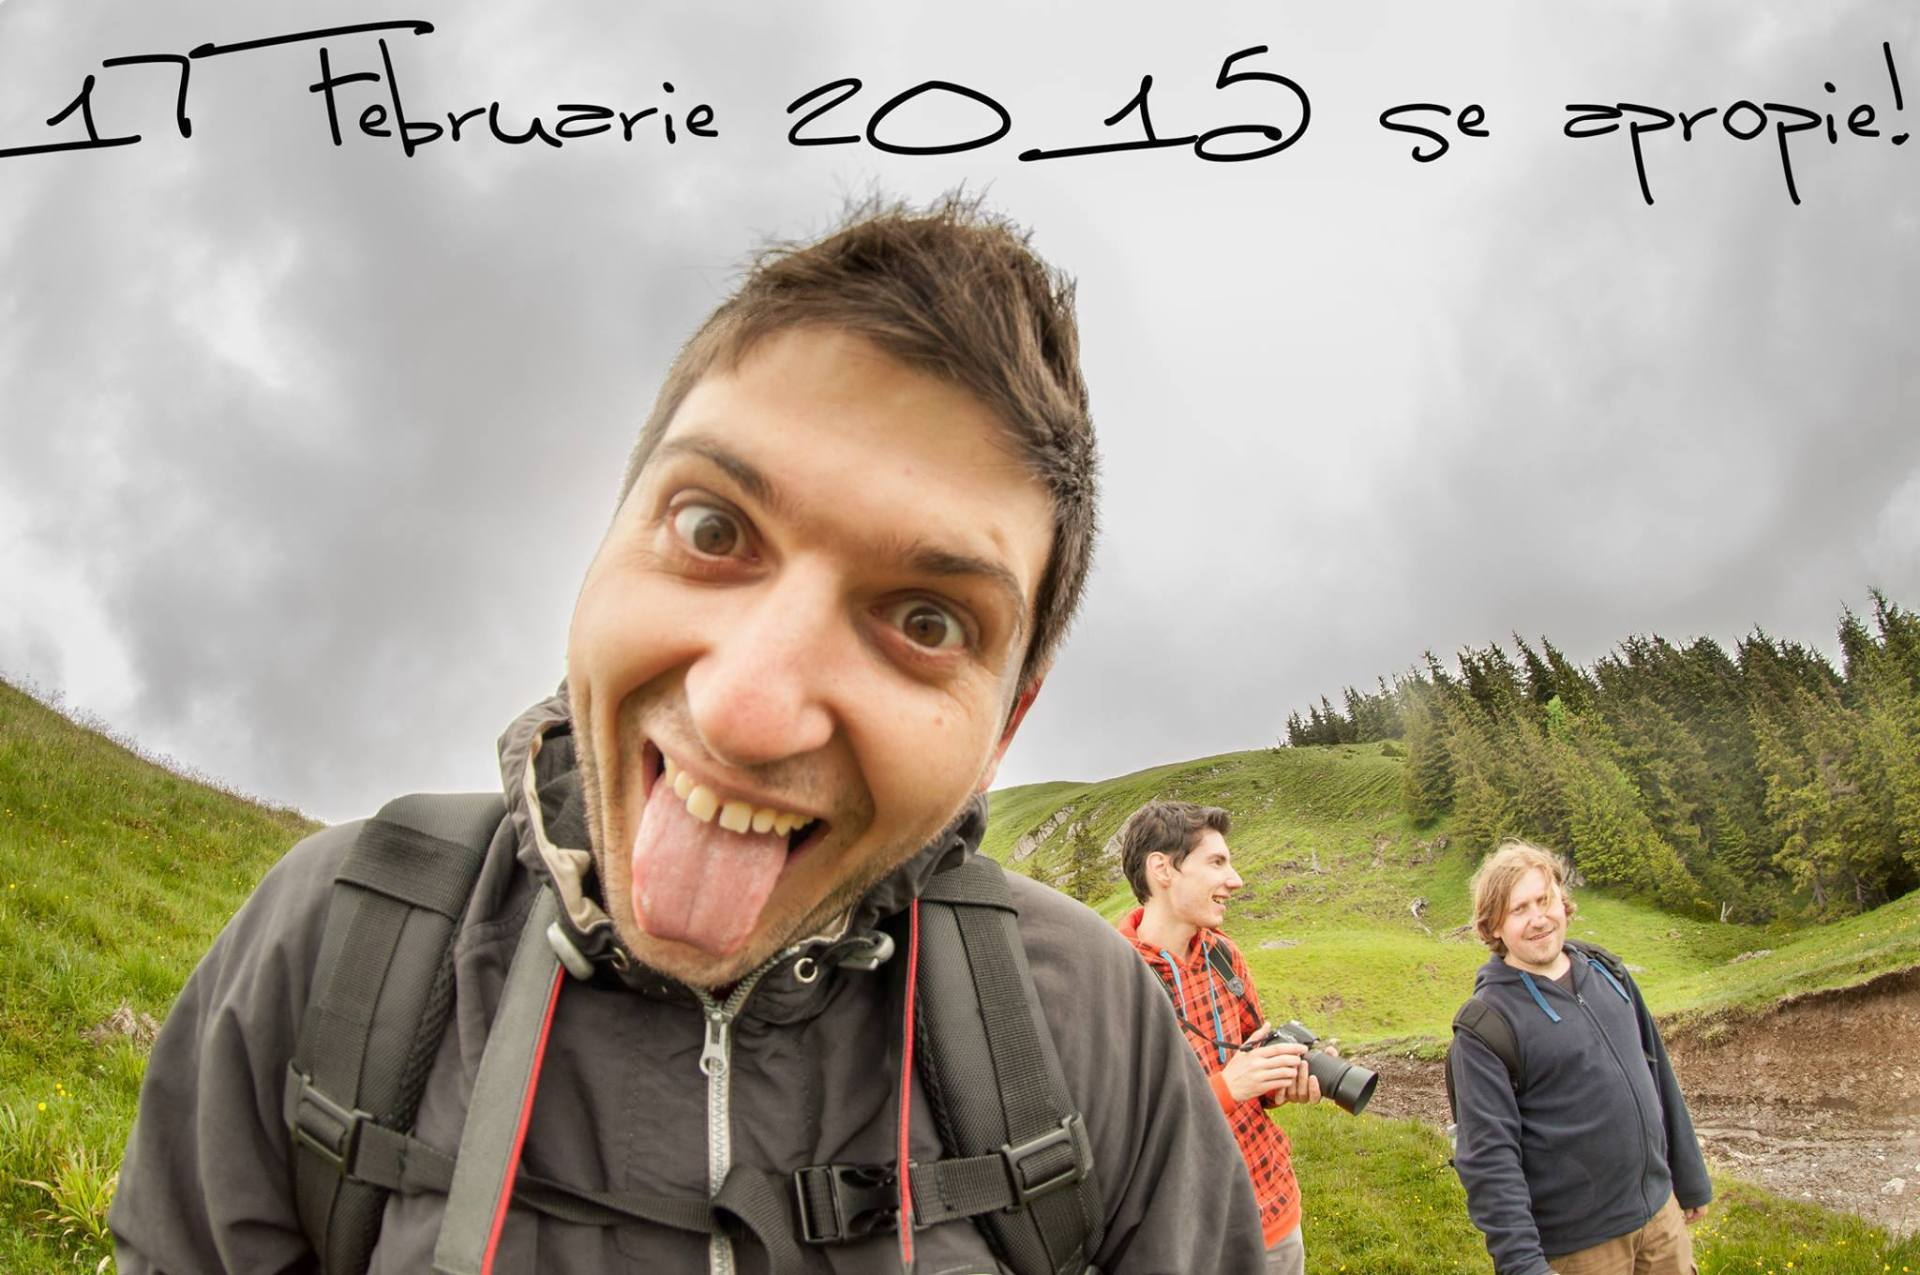 Expoziţie de fotografie Printre popi şi doamne - organizator Clubul Fotografilor Iasi Paul Pădurariu selfie